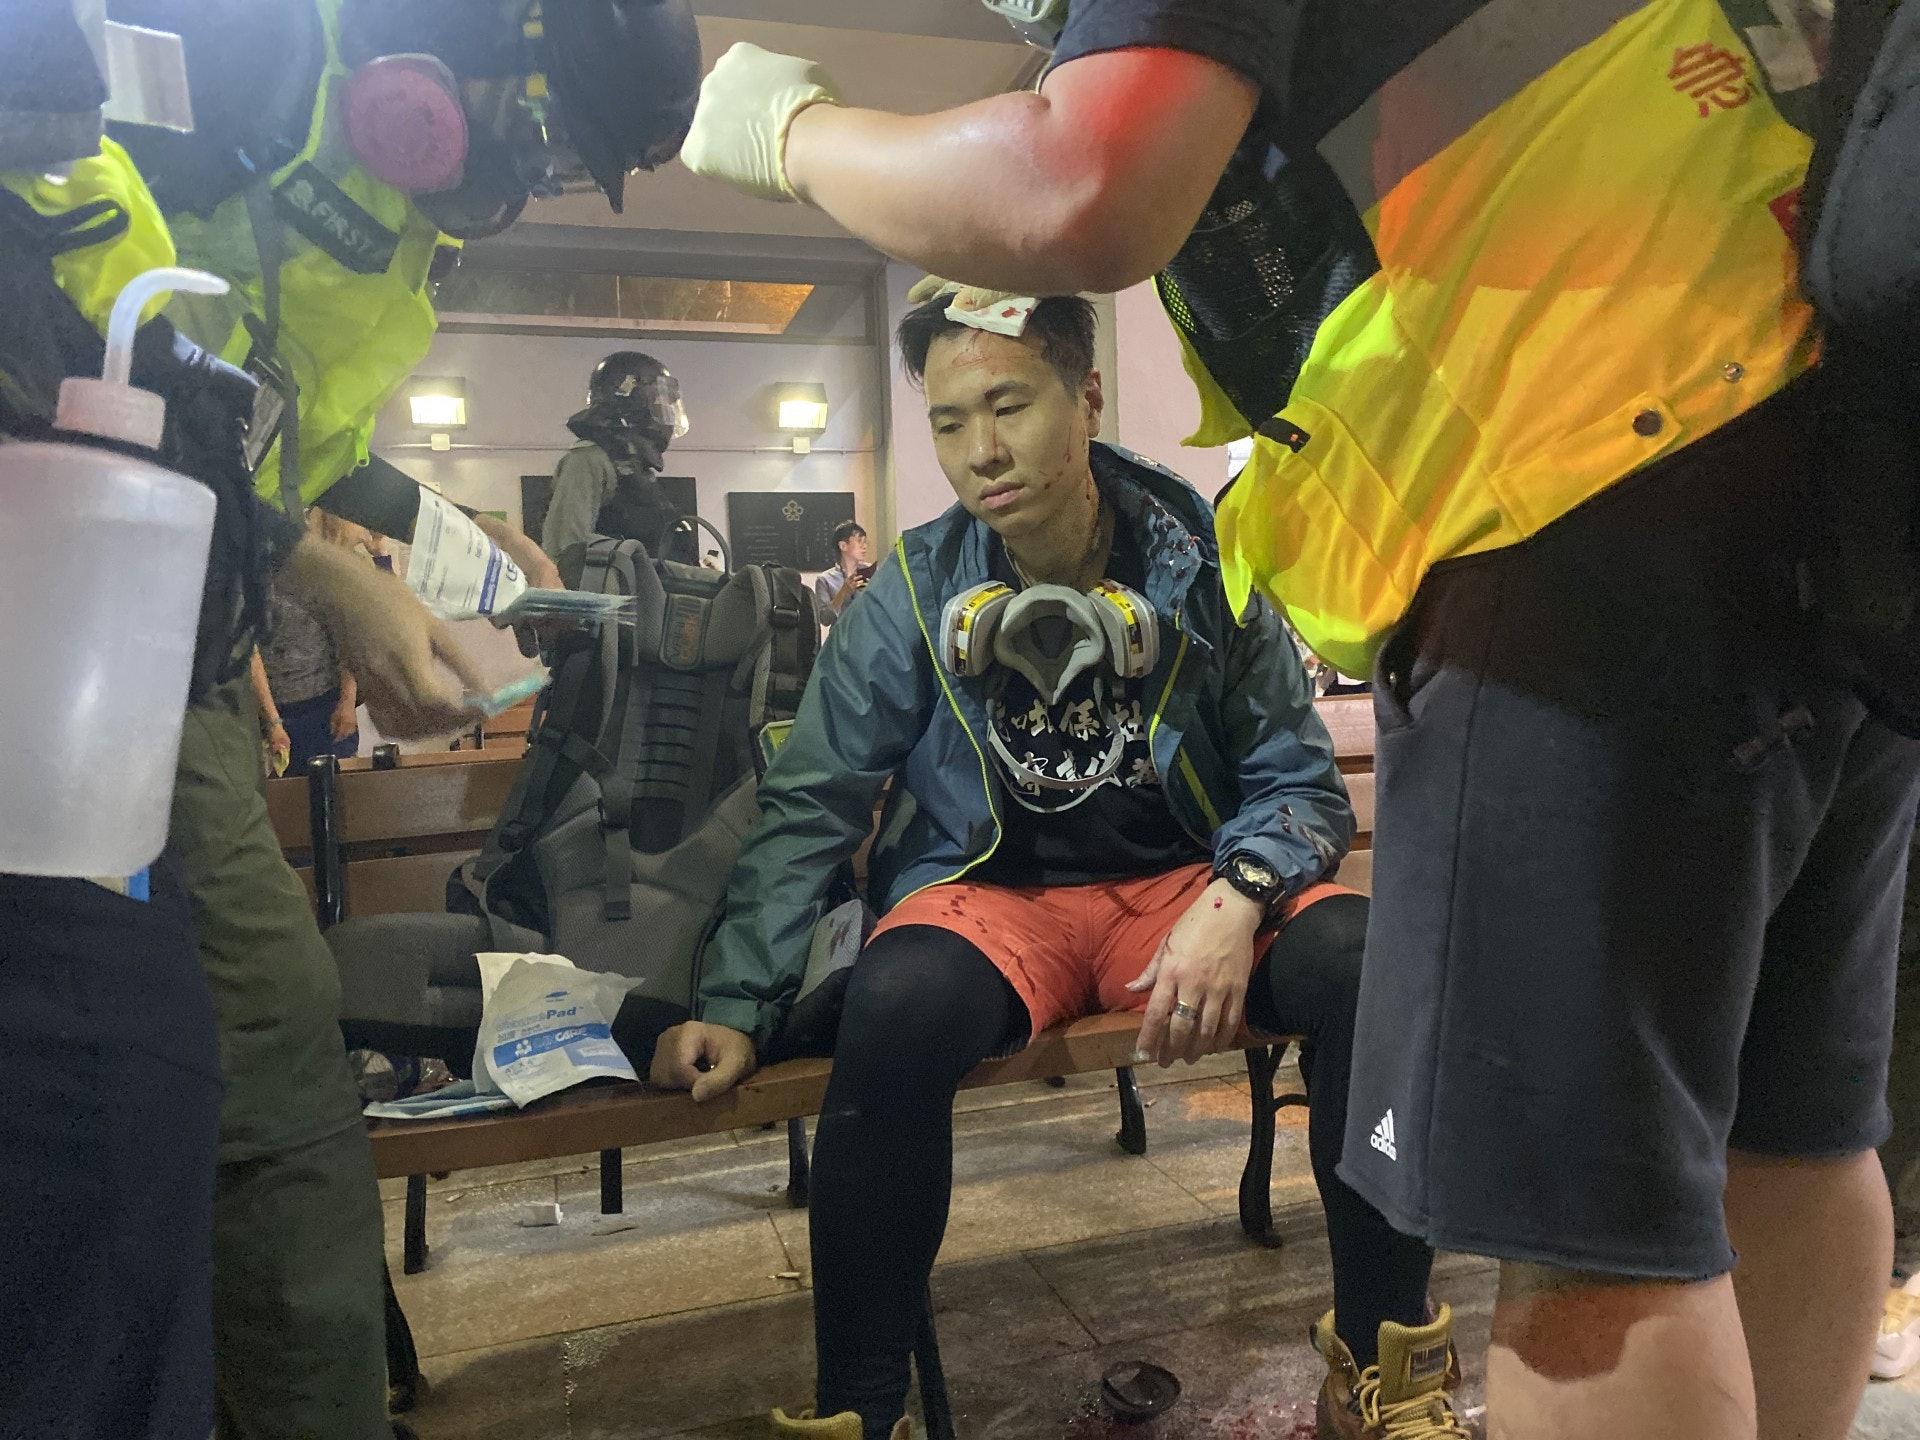 太子一名男社工于冲突其间被打破头,在场急救员为他救治。(陈浩然摄)